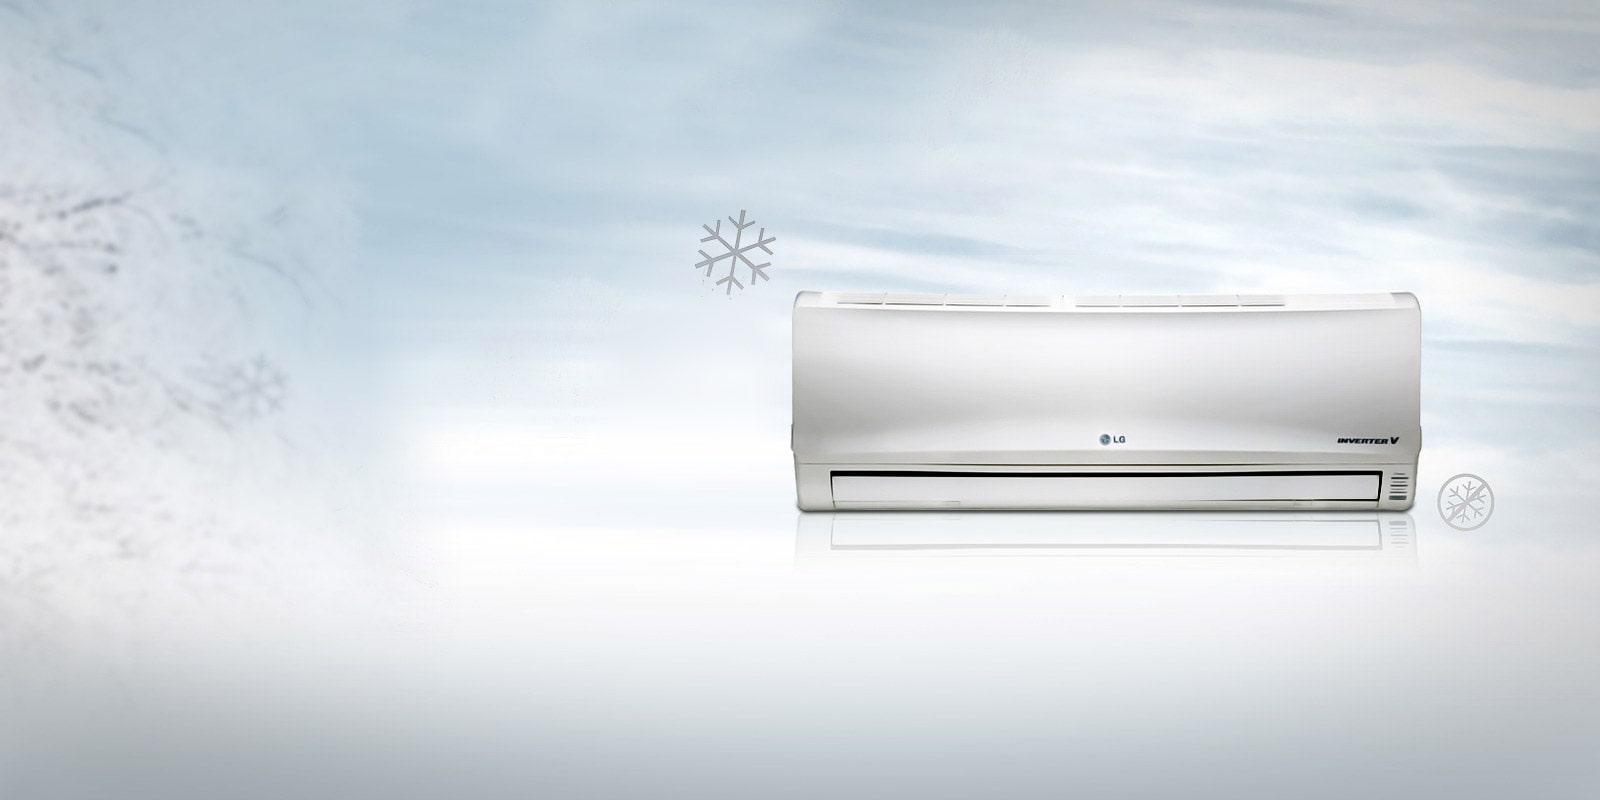 Lg挂式空调,让您享受健康优生活 Lg挂壁式空调官网